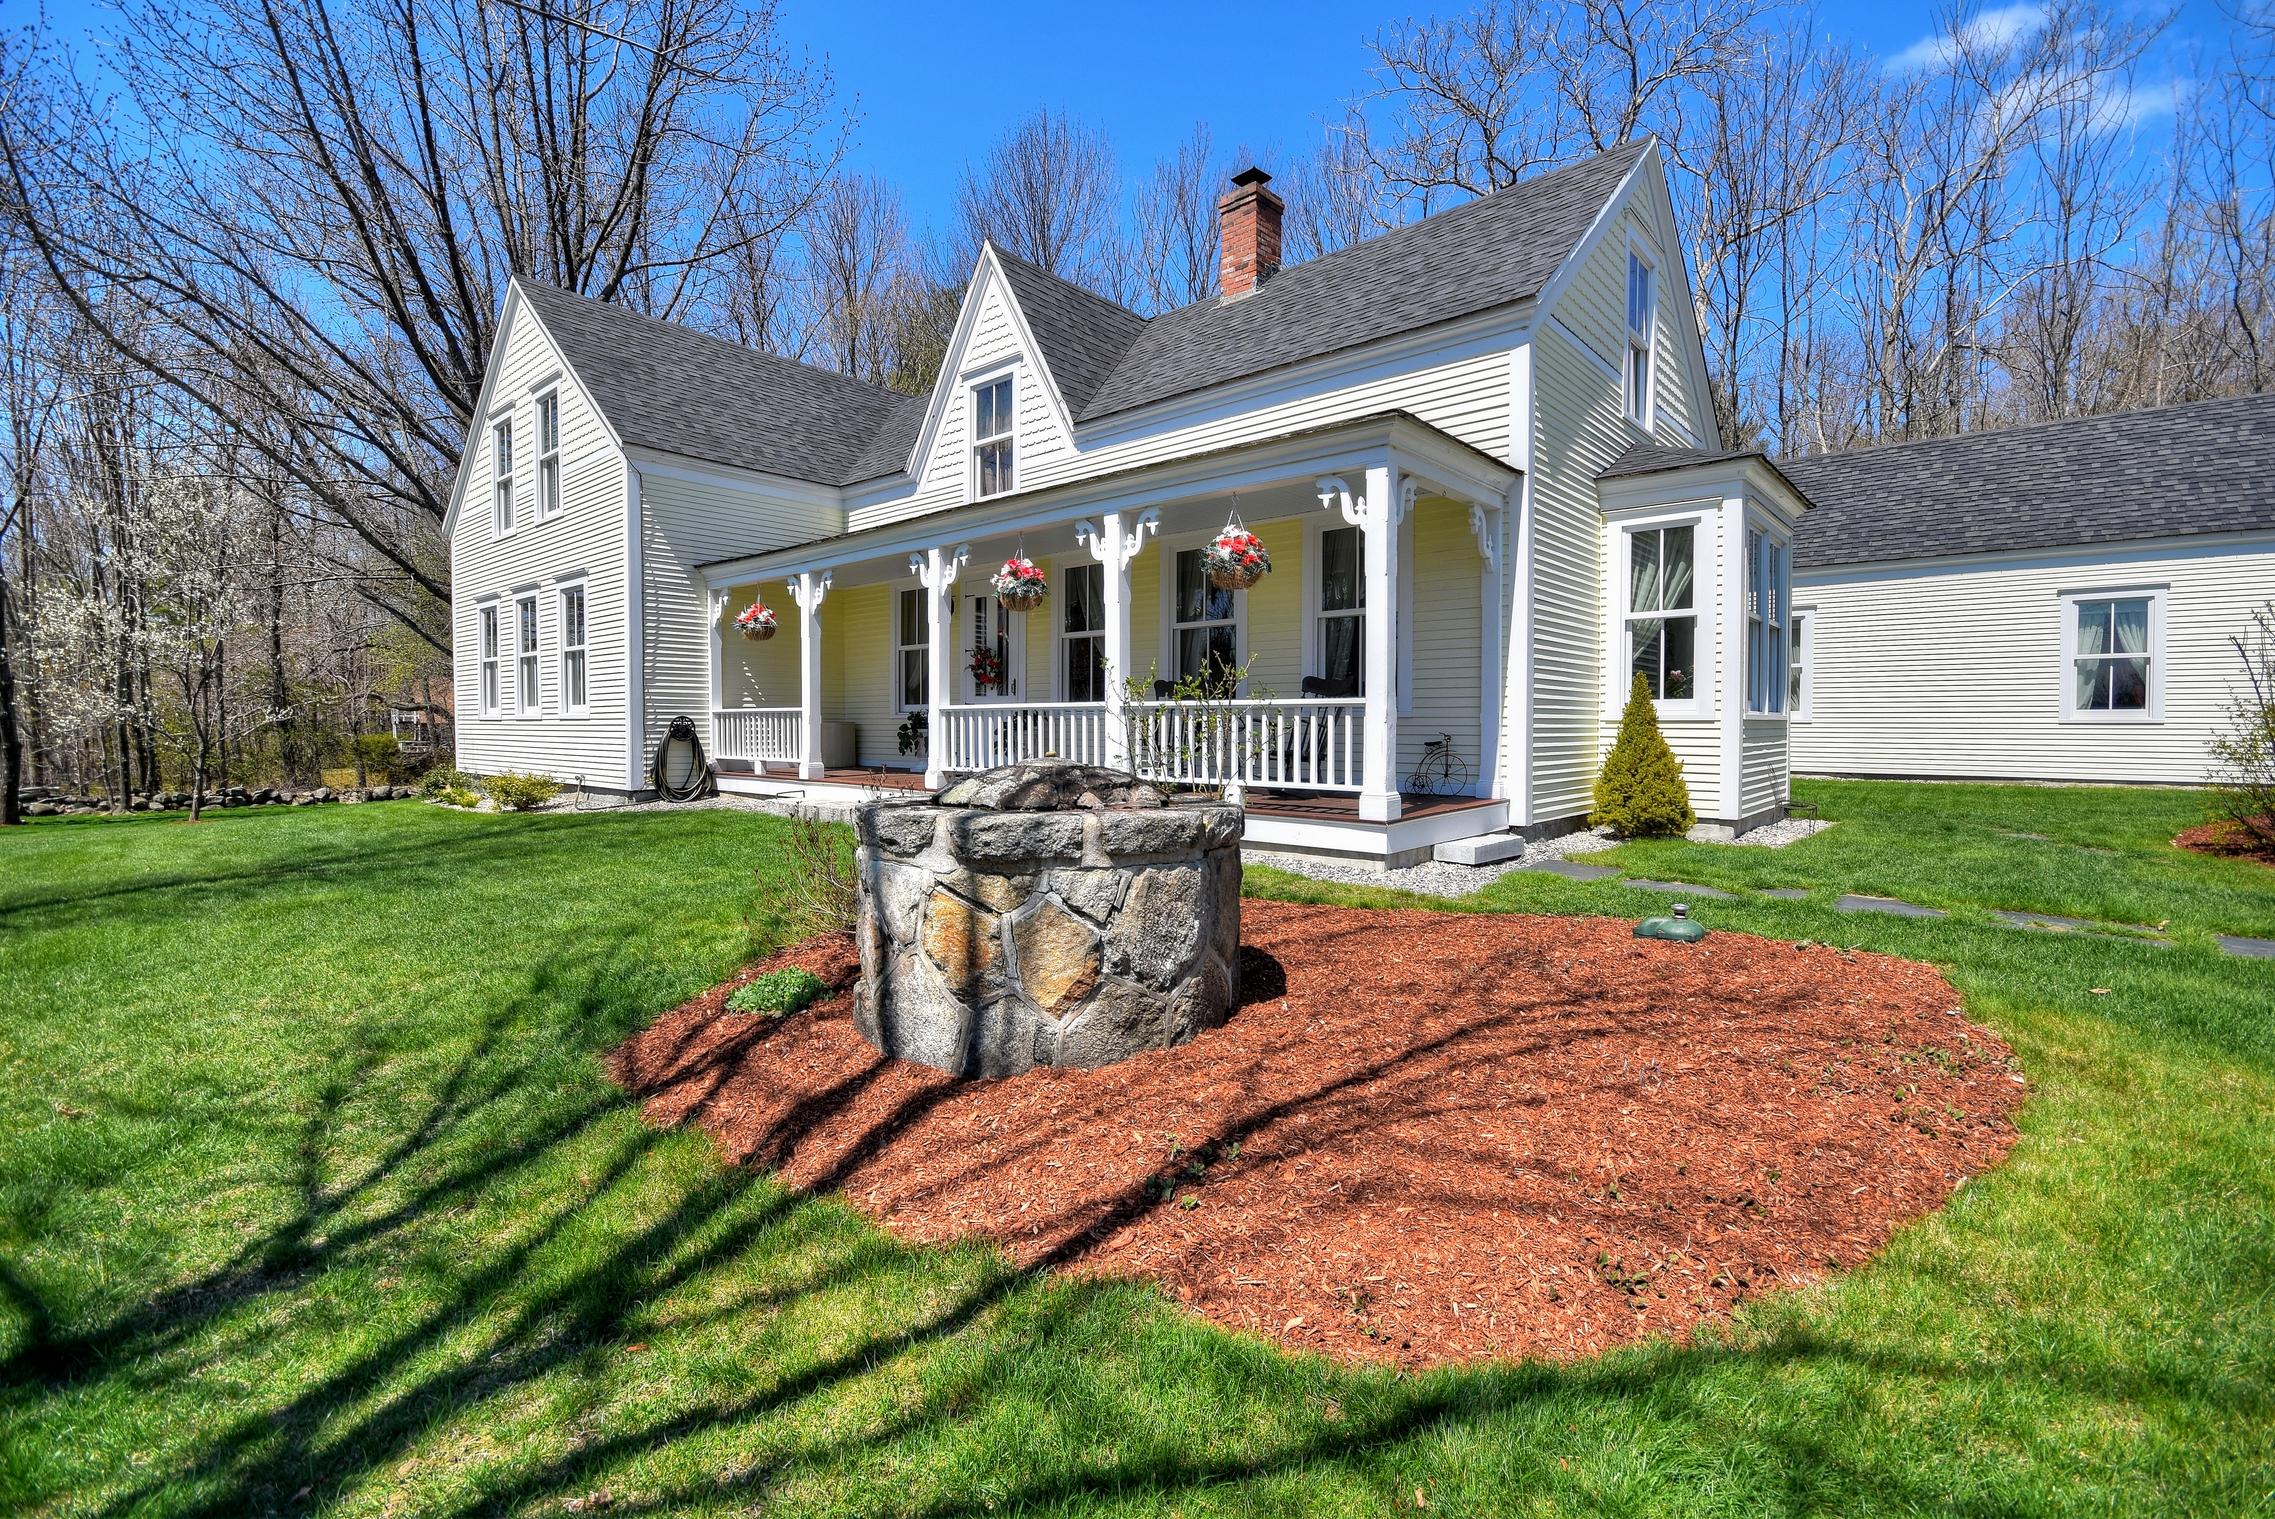 Частный односемейный дом для того Продажа на 301 Governor Wentworth Highway, Moultonborough 301 Governor Wentworth Hwy Moultonborough, Нью-Гэмпшир, 03254 Соединенные Штаты